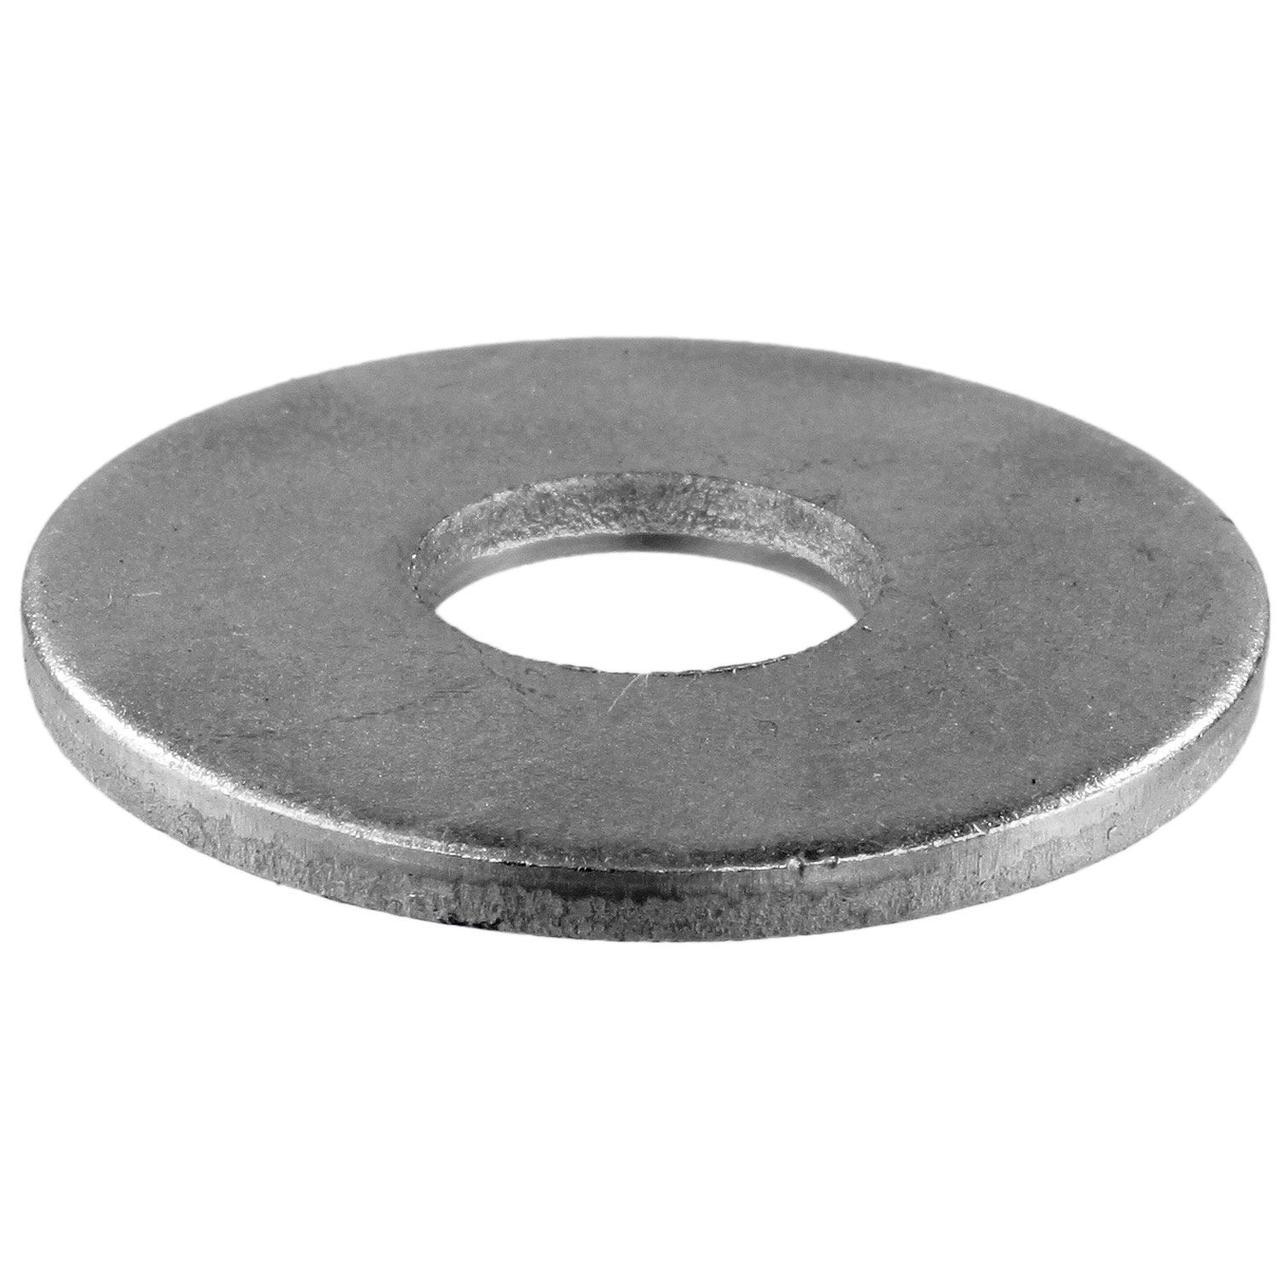 Кольцо ст 50Г2 1150х400х710 мм